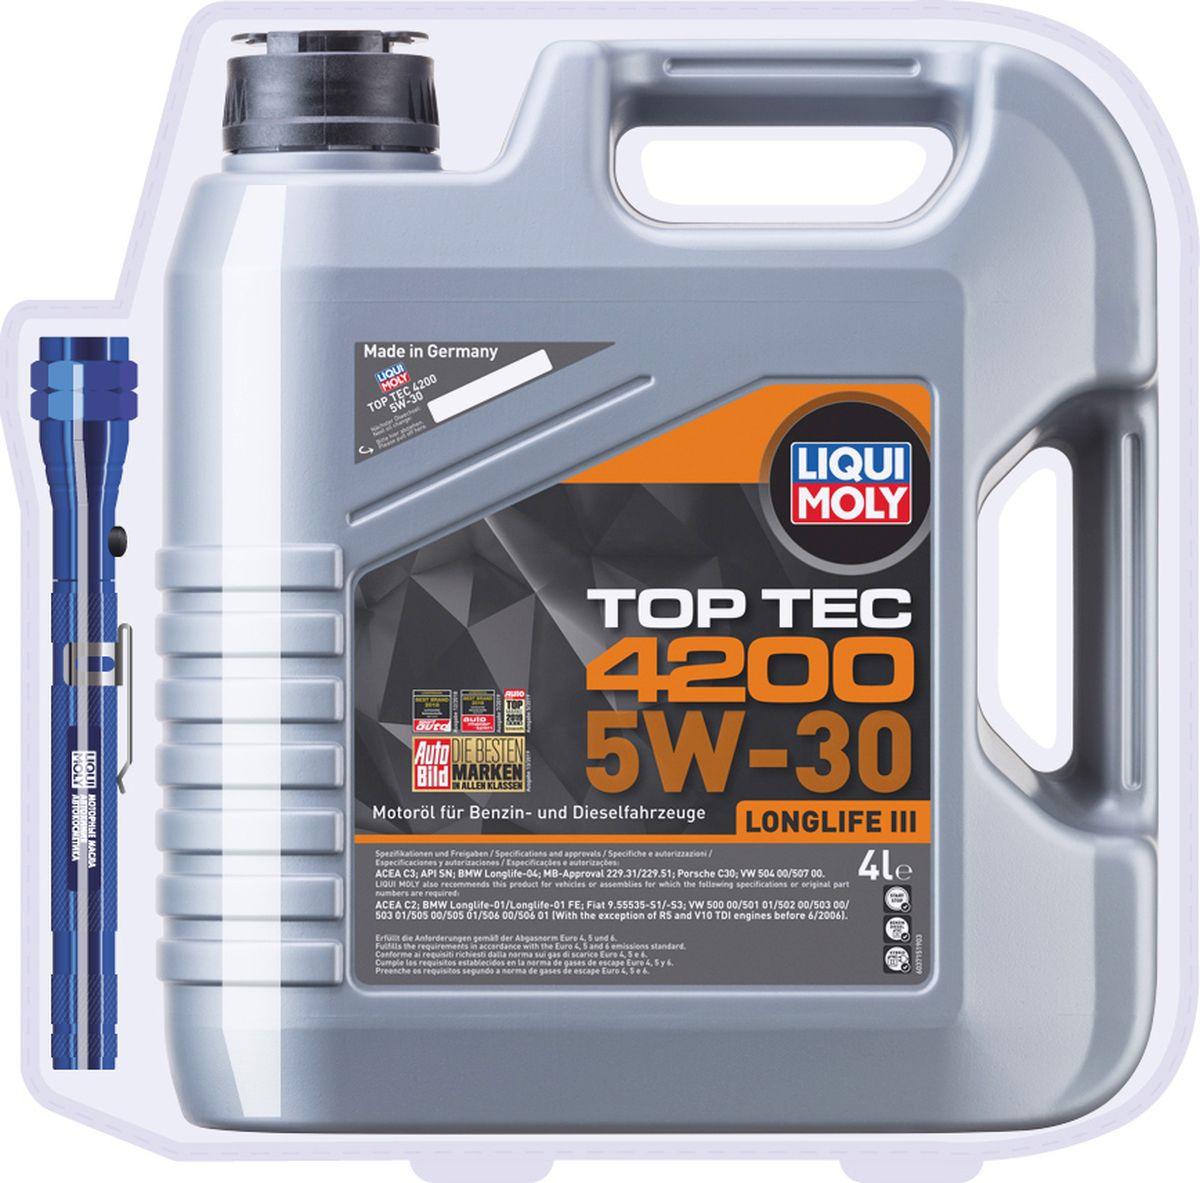 Моторное масло Liqui Moly Top Tec 4200, НС-синтетическое, 5W-30, 4 л + Фонарик в подарок liqui moly synthoil longtime plus 0w 30 5л